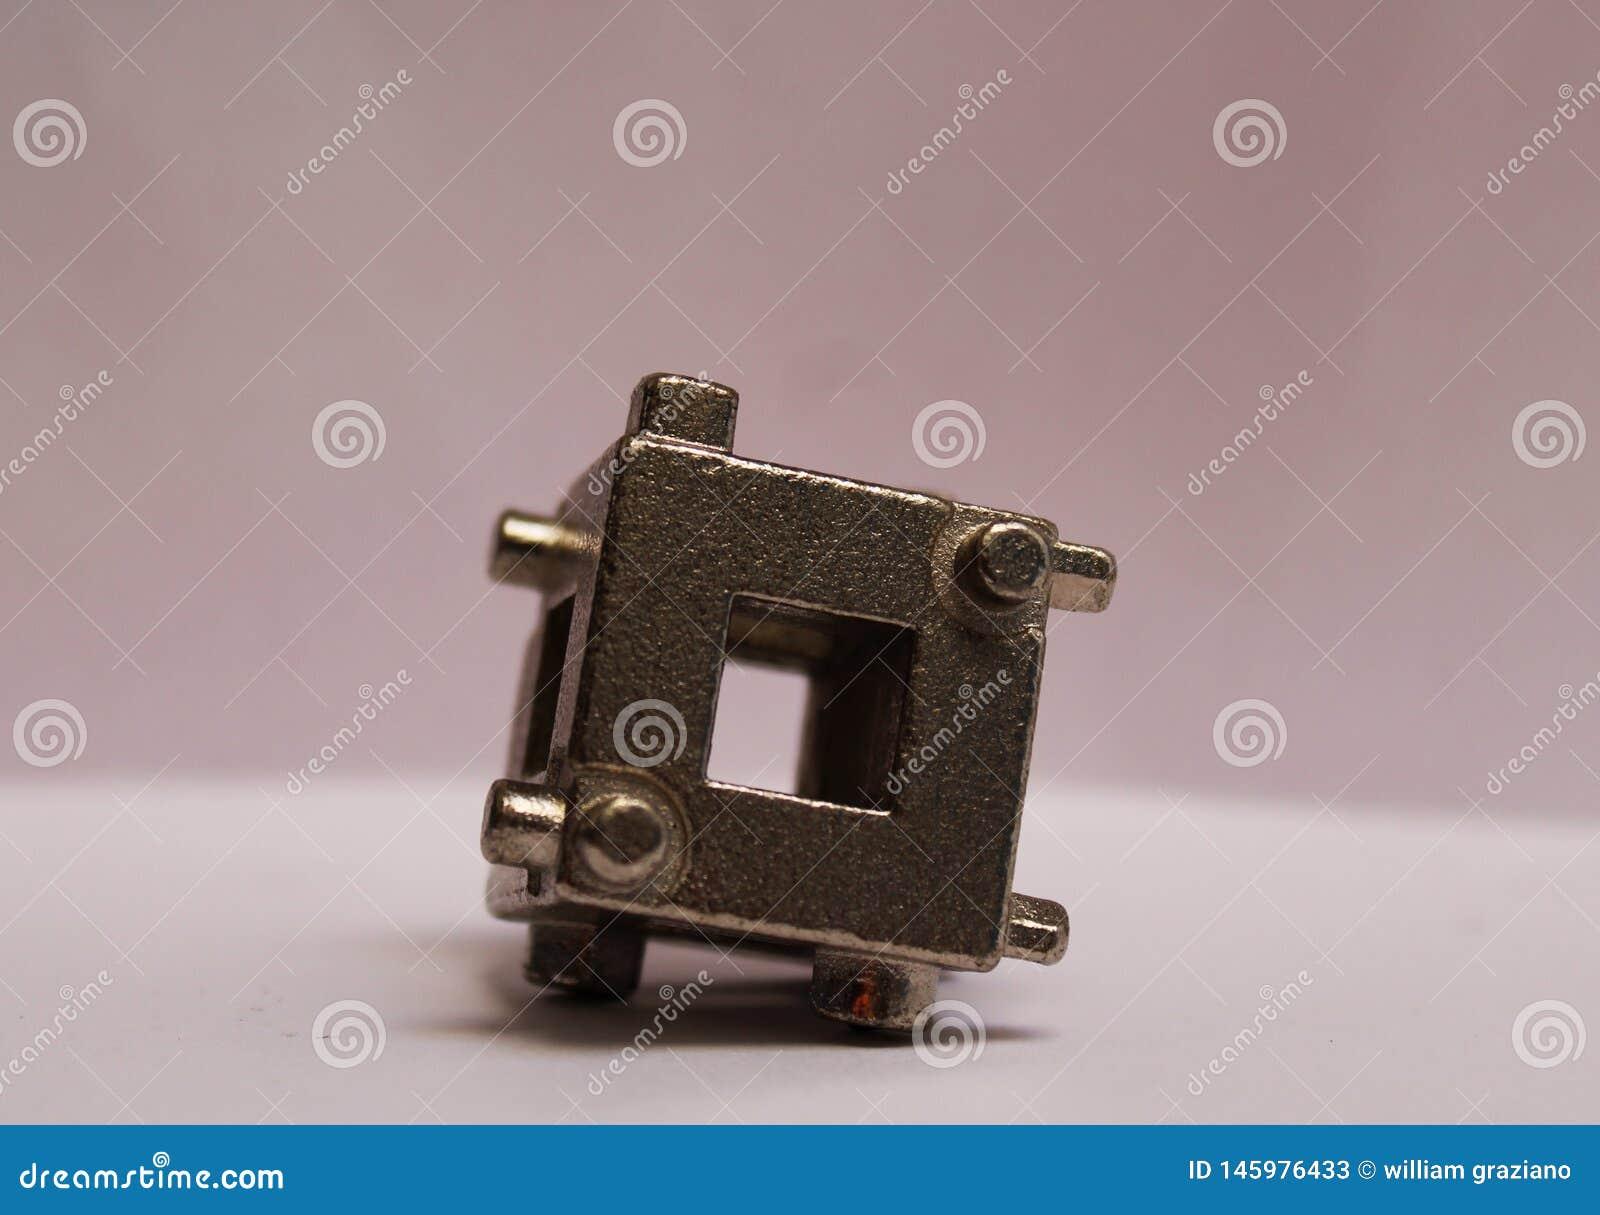 Outil de calibre utilisé pour réaliser les travaux de coupure